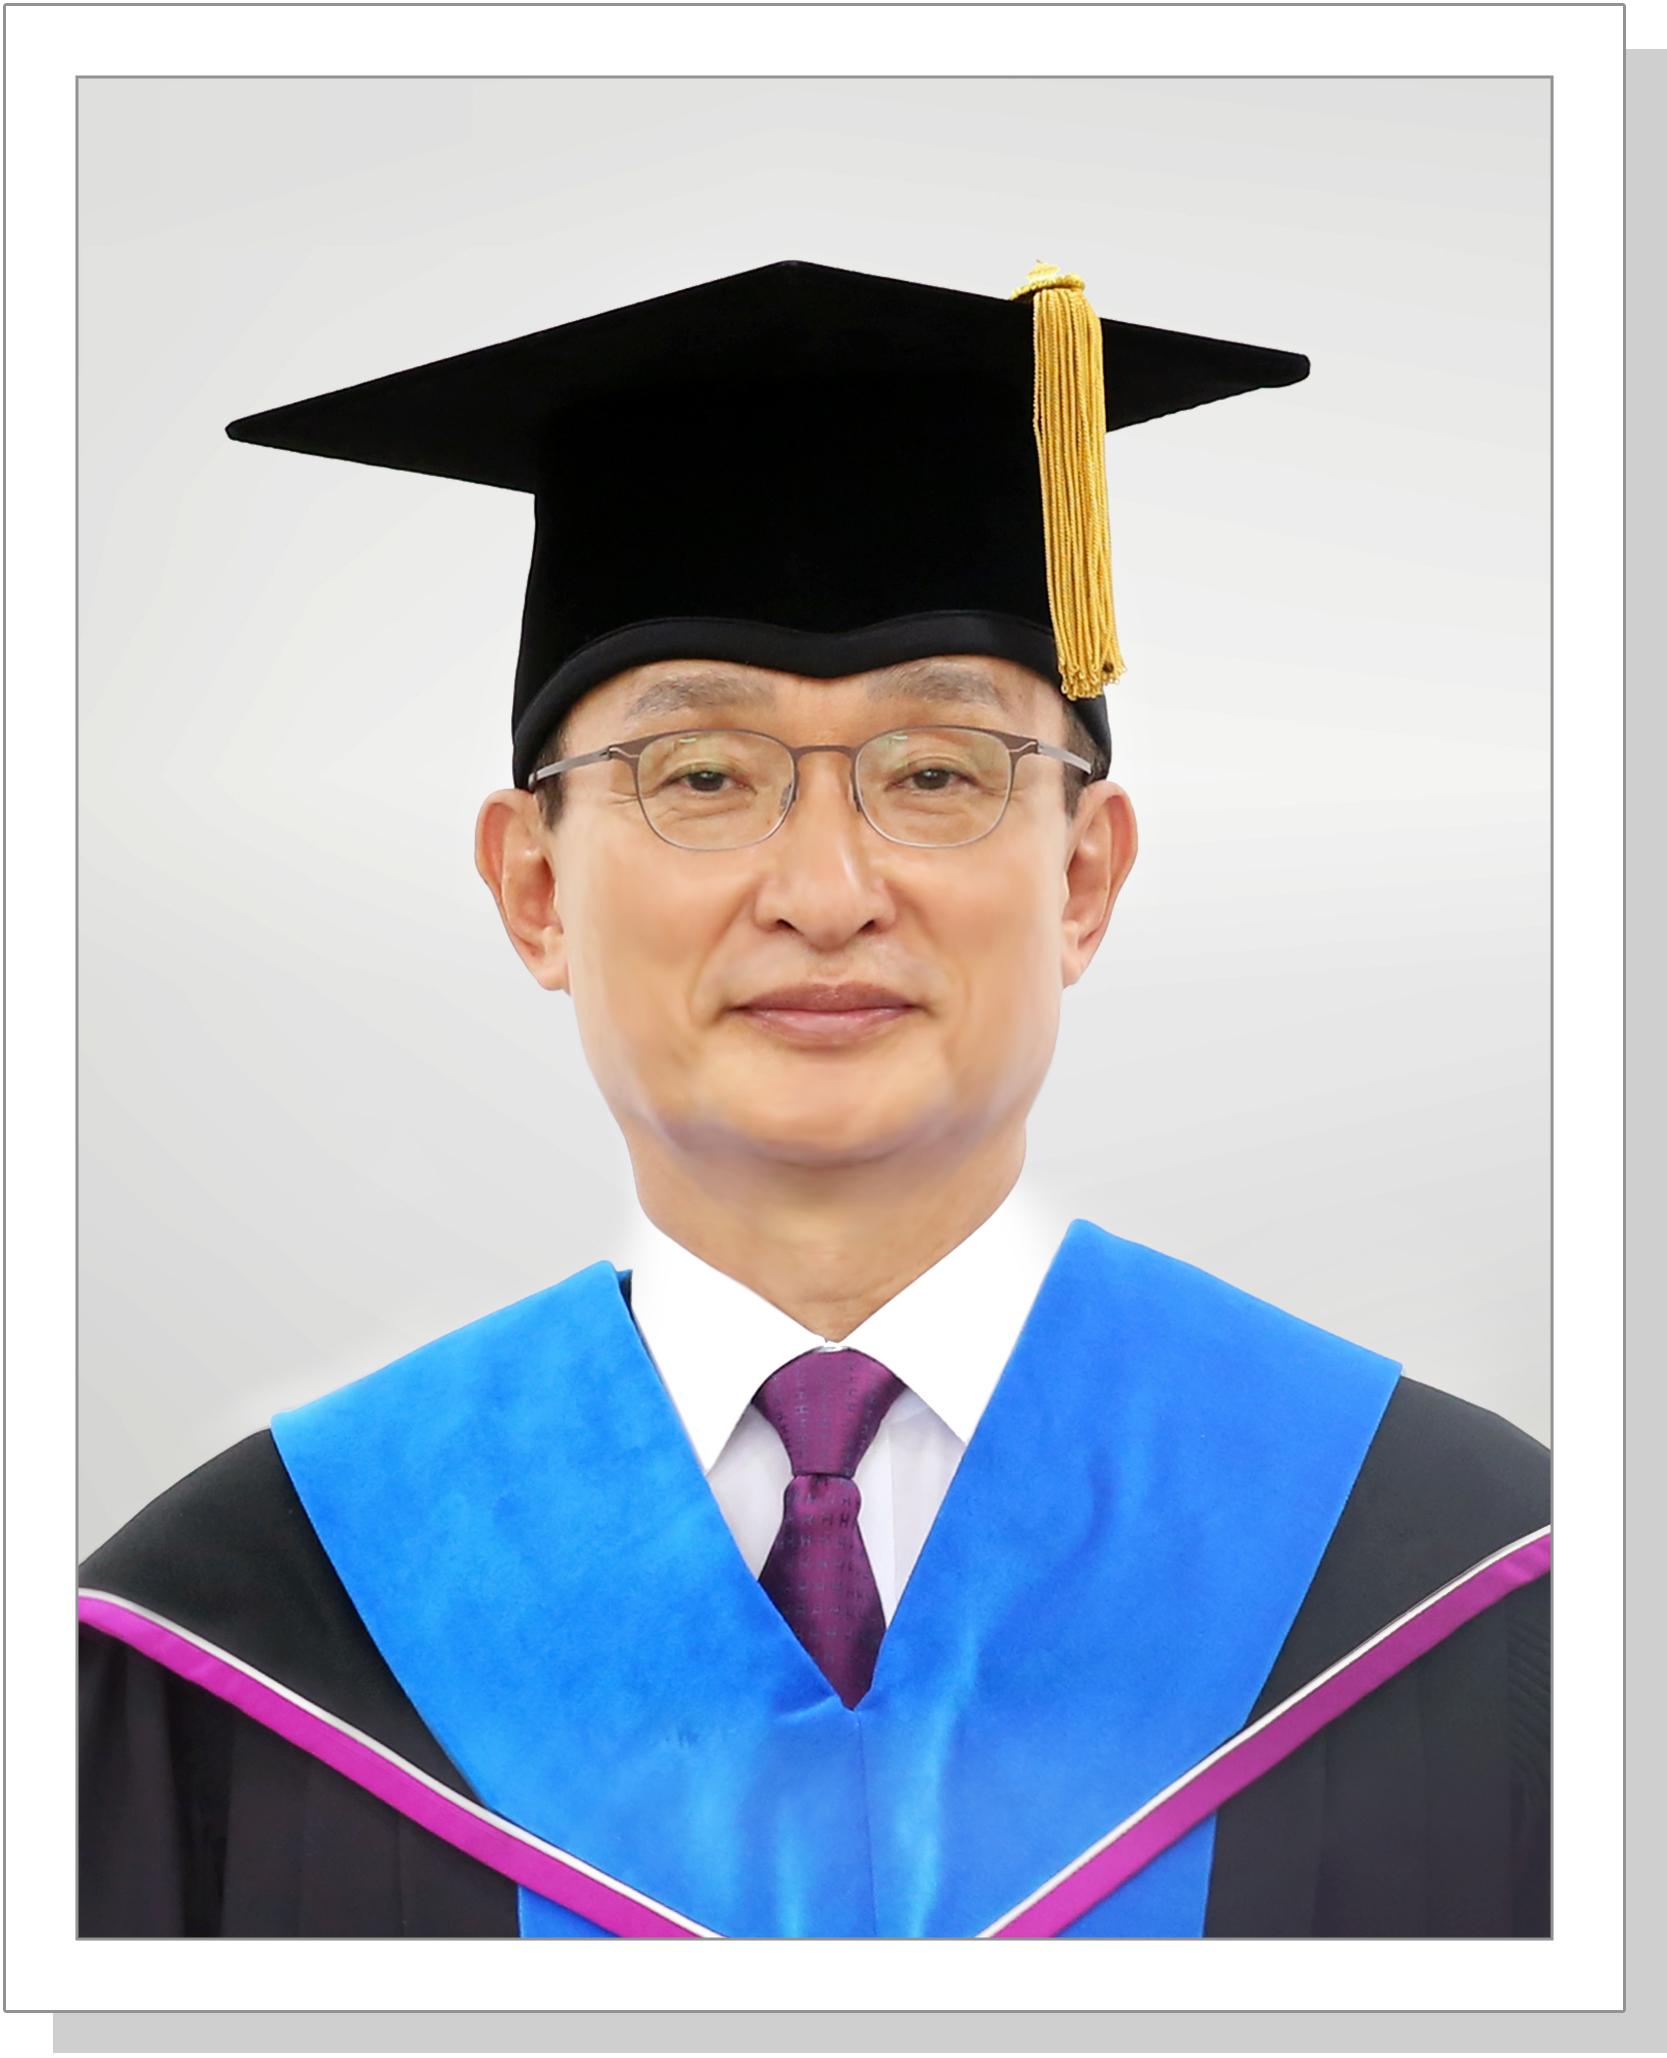 박민서님의 사진